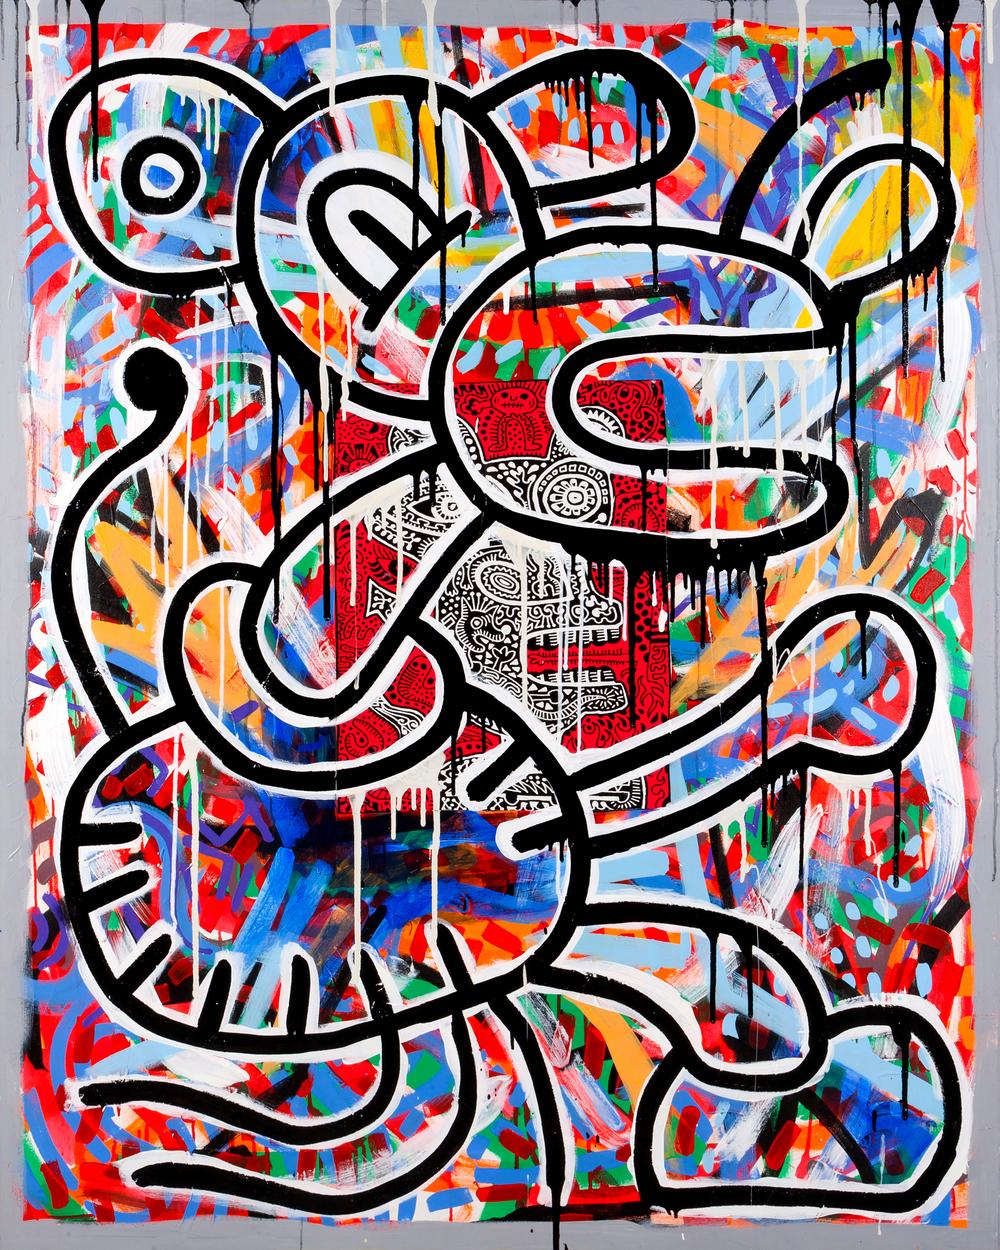 PETRO GRAF (2012)